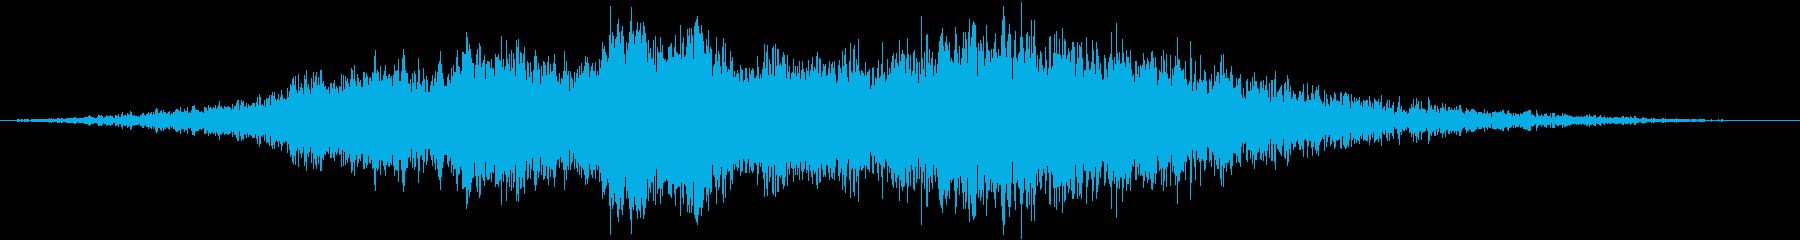 大型旅客機の離陸(滑走路の終点)の再生済みの波形